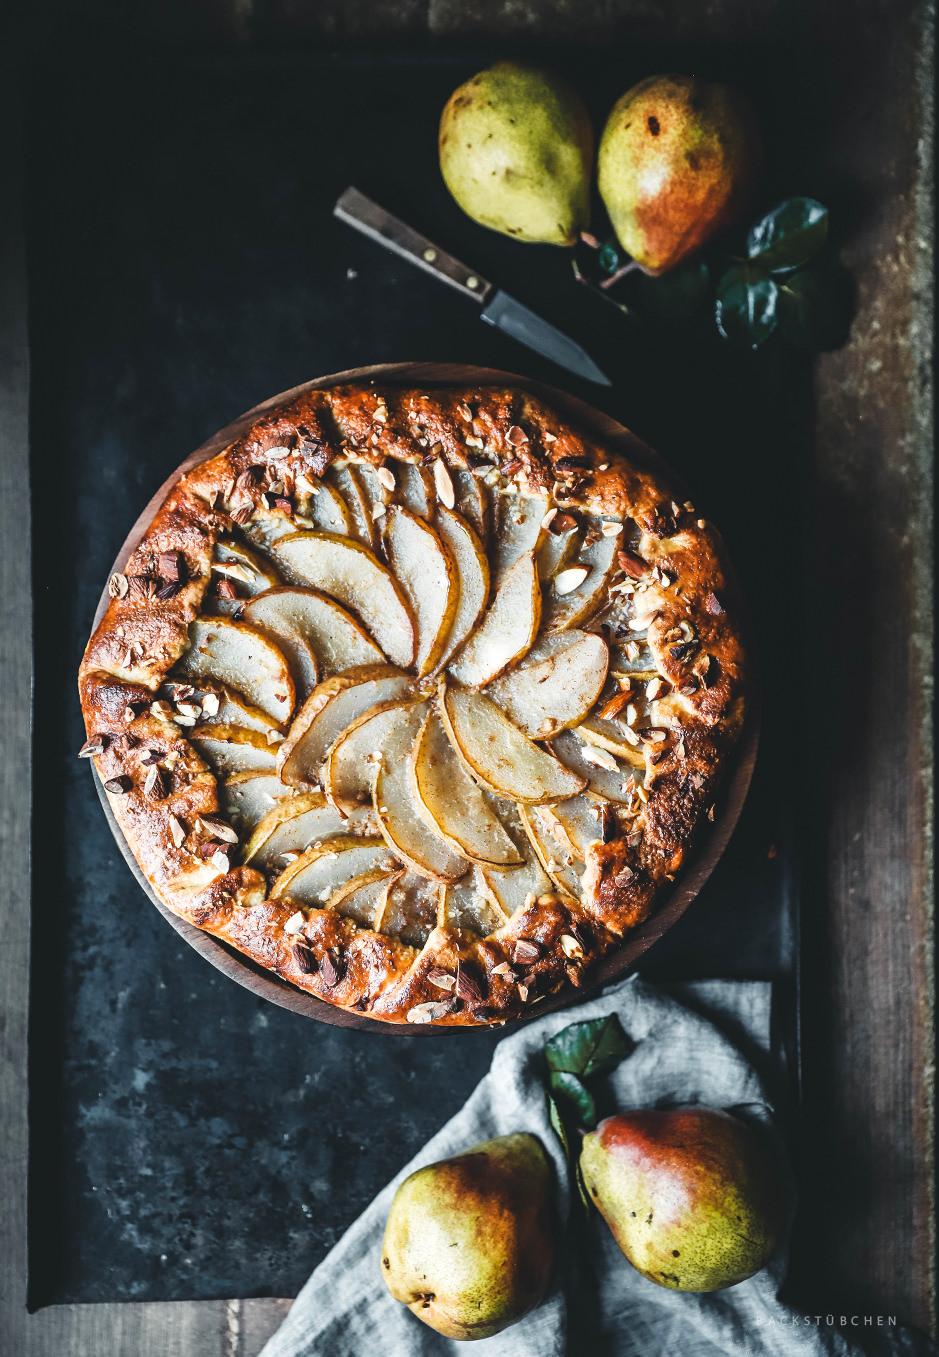 Die Galette mit Birnen und Mandelcreme ist eine nicht ganz so kalorienreiche Alternative zum klassischen Kuchen.